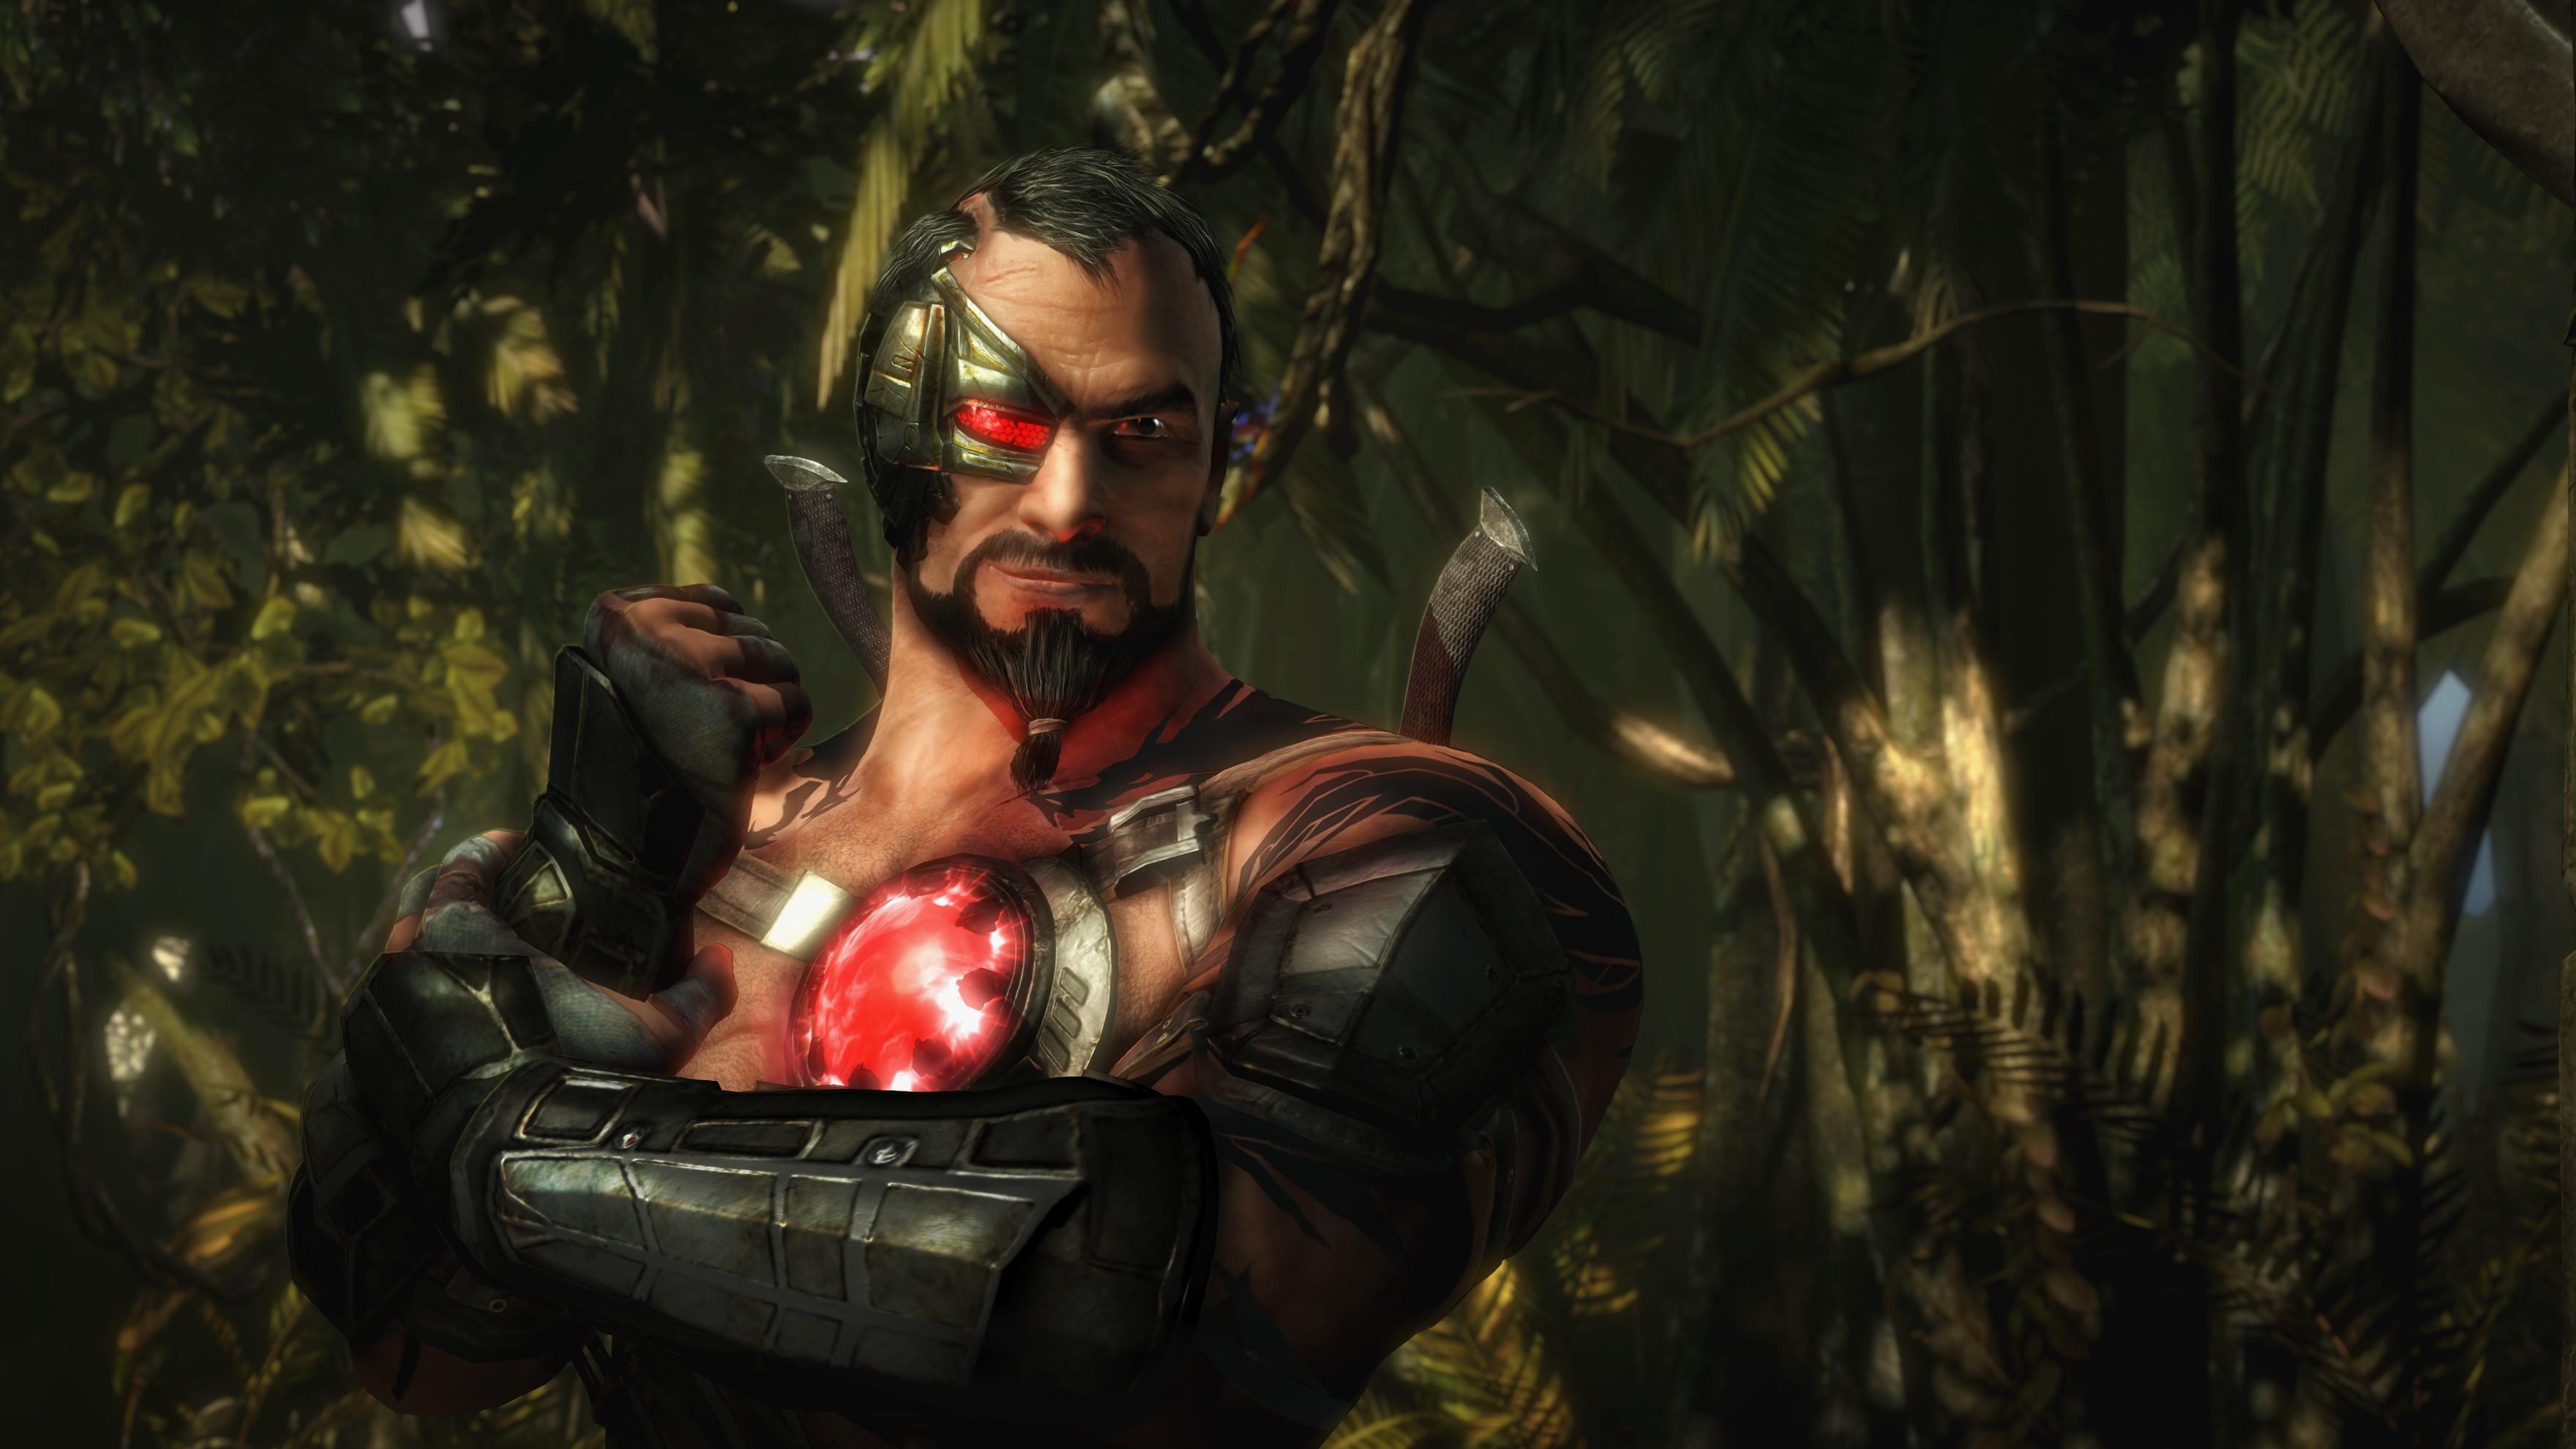 Mortal Kombat X Hd Wallpaper